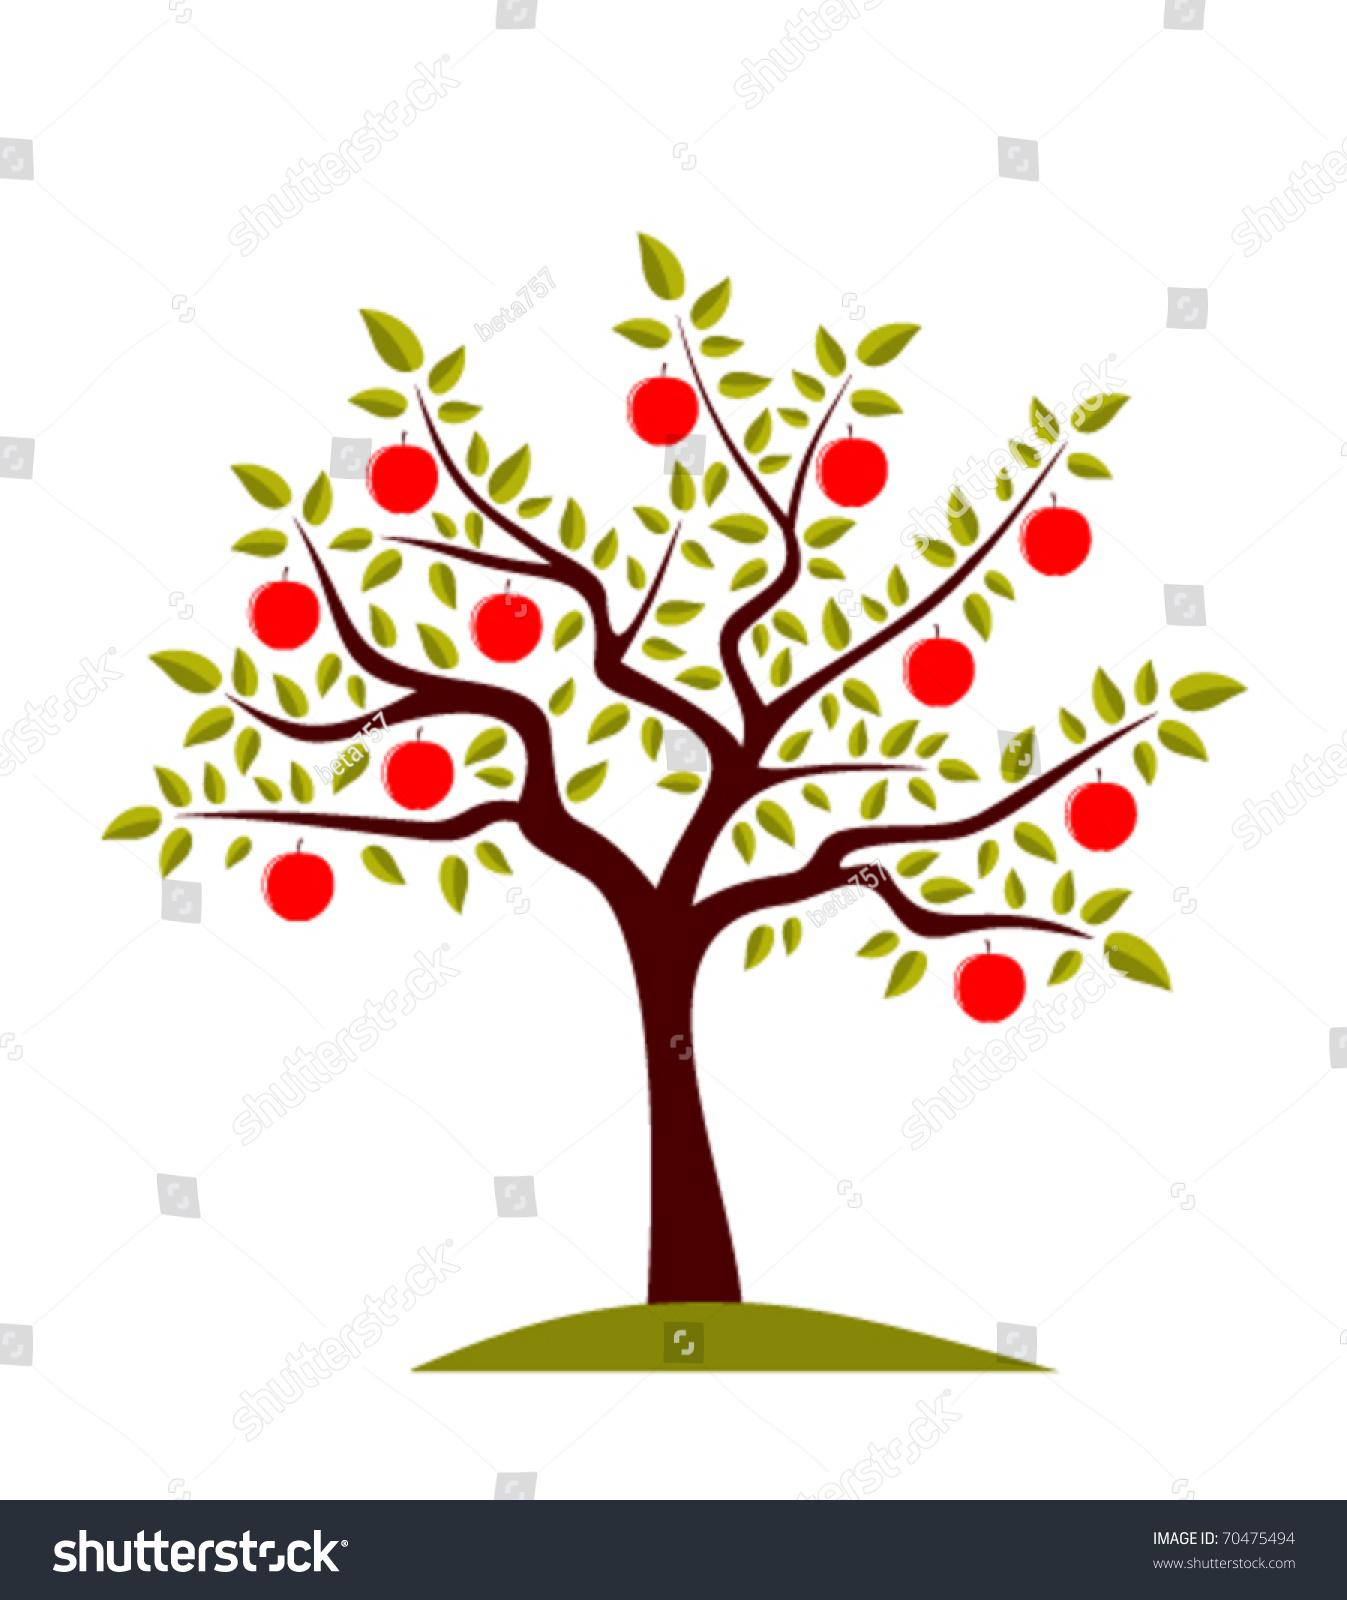 向量苹果树在白色背景上-插图/剪贴图,交通运输-海洛